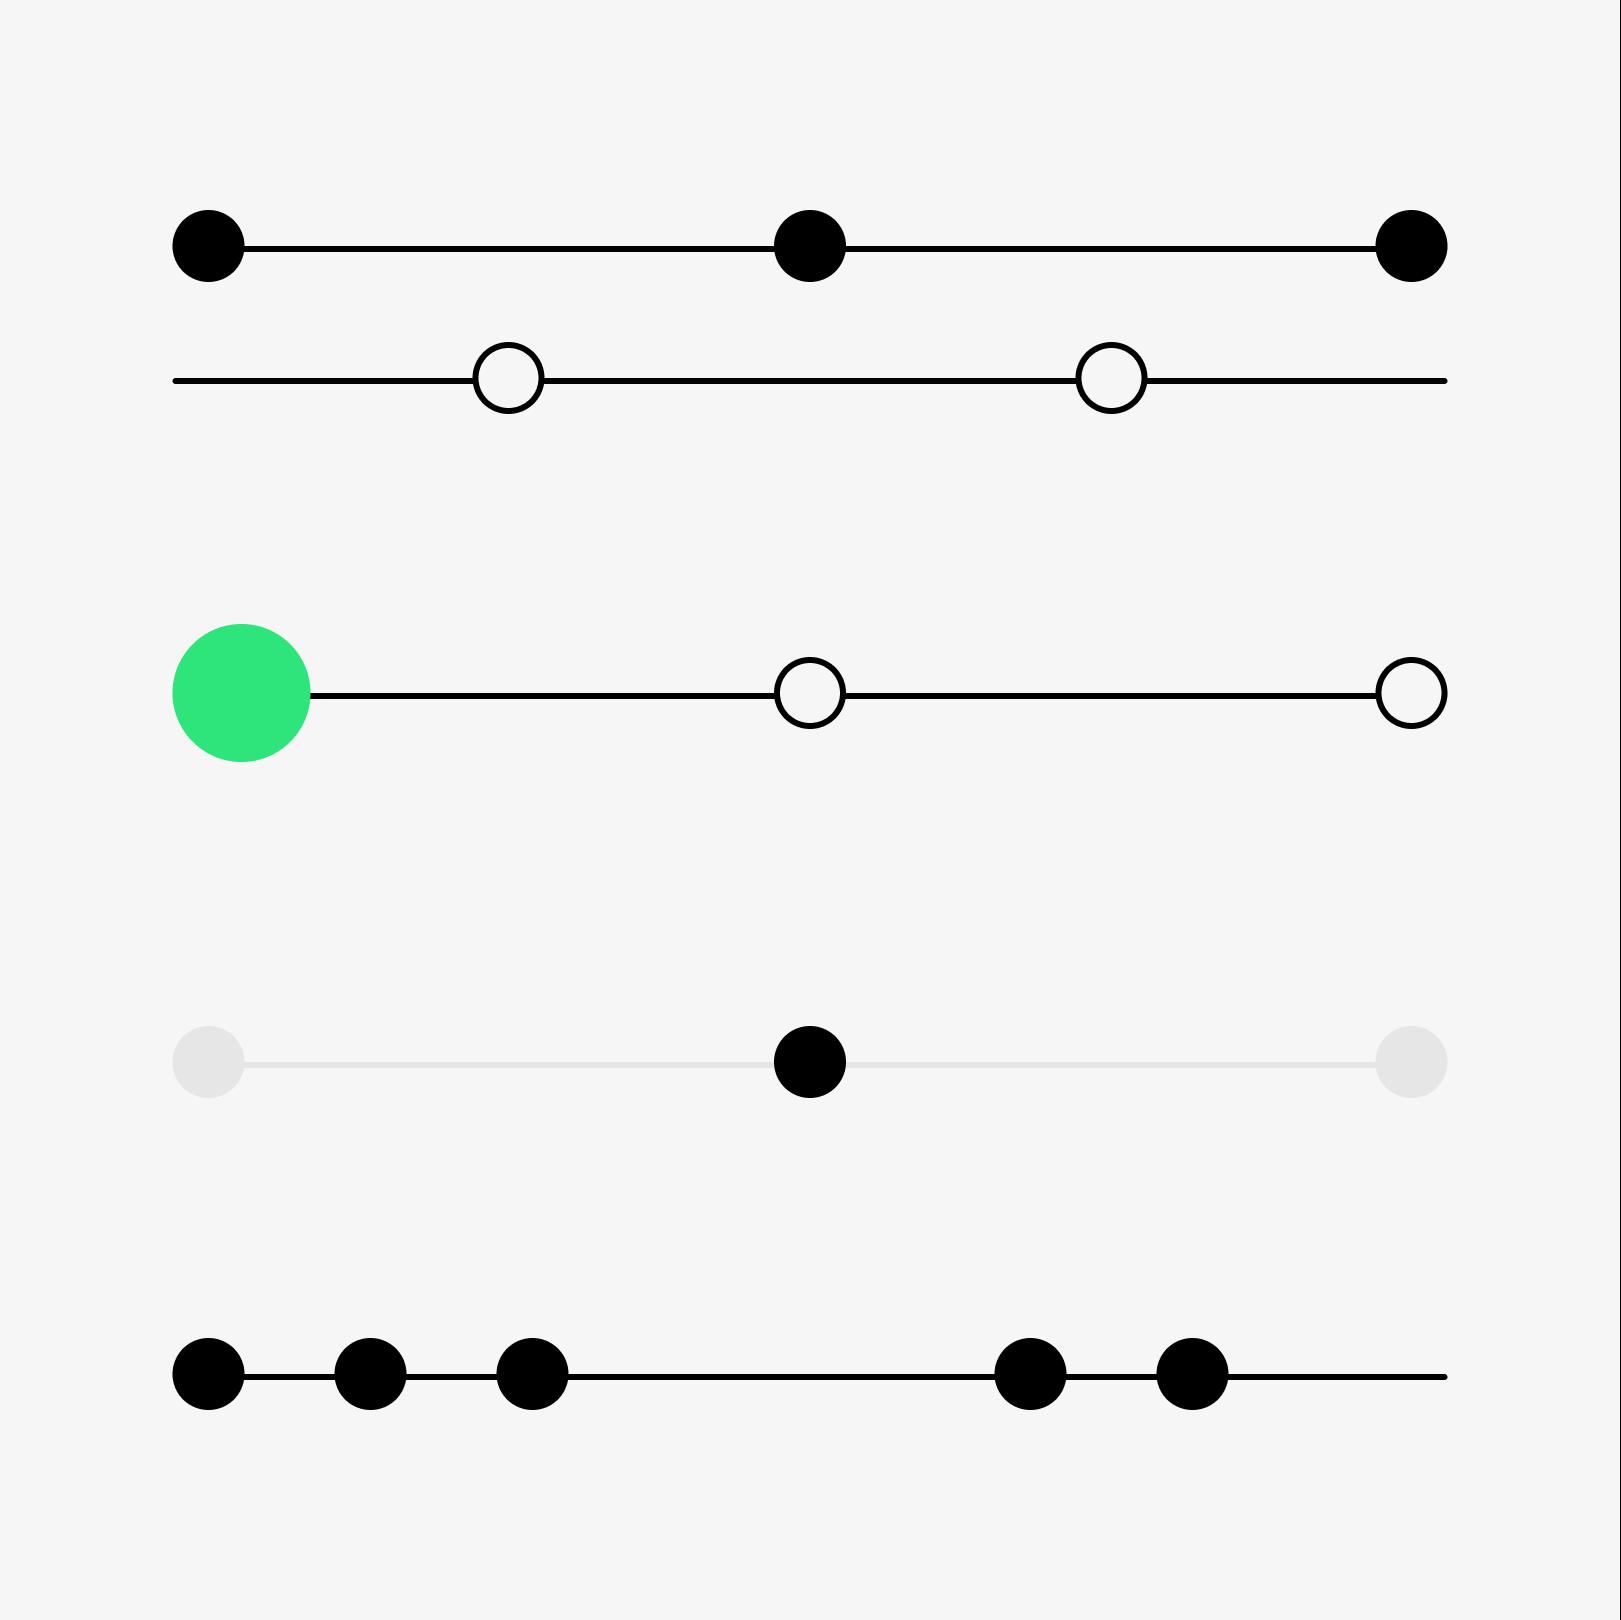 Abstrakt illustrasjon av hvordan fargene kan brukes